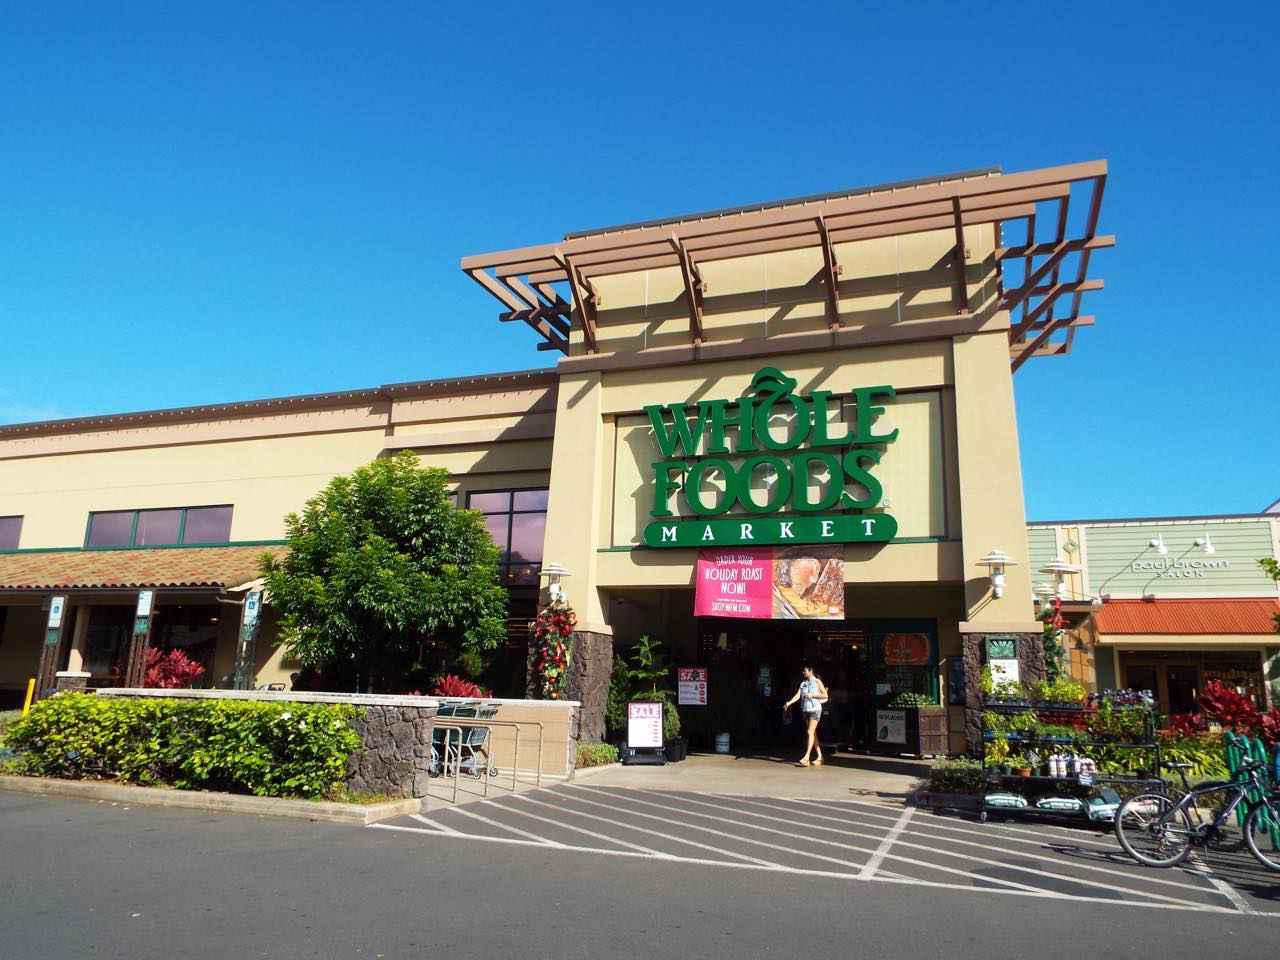 画像: ホールフーズはエコバッグやオーガニックコスメが観光客にも人気のスーパー Photo: Whole Foods Market